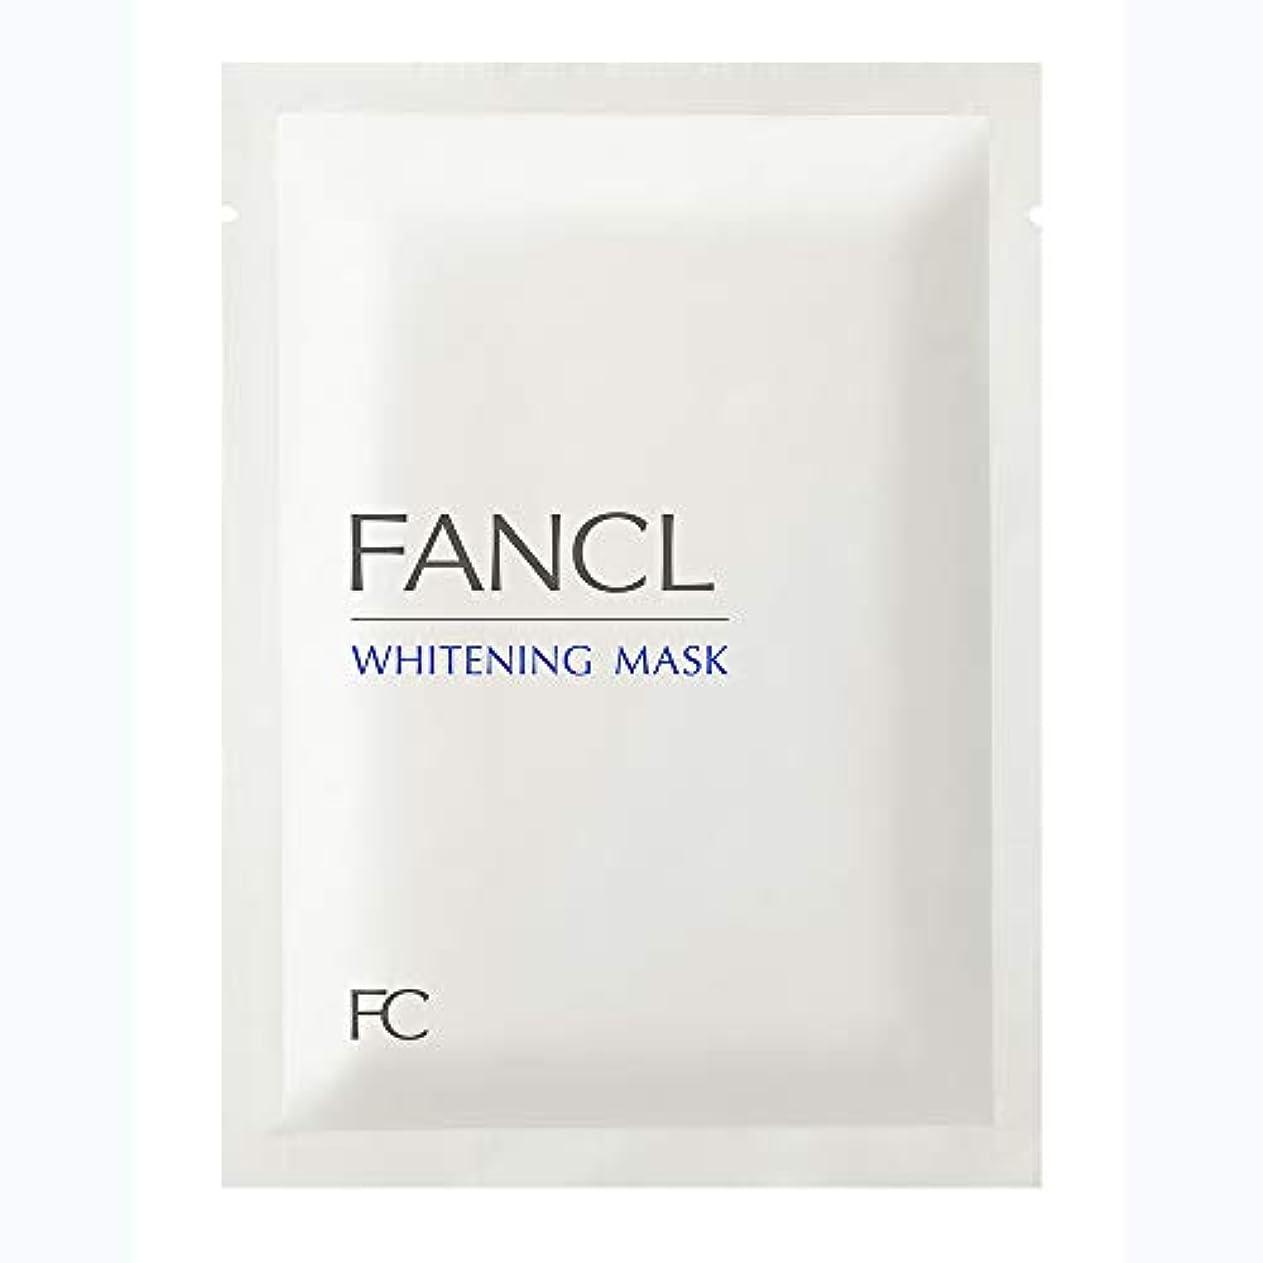 リングレット抑止する連帯新ファンケル(FANCL) ホワイトニング マスク<医薬部外品> 21mL×6枚